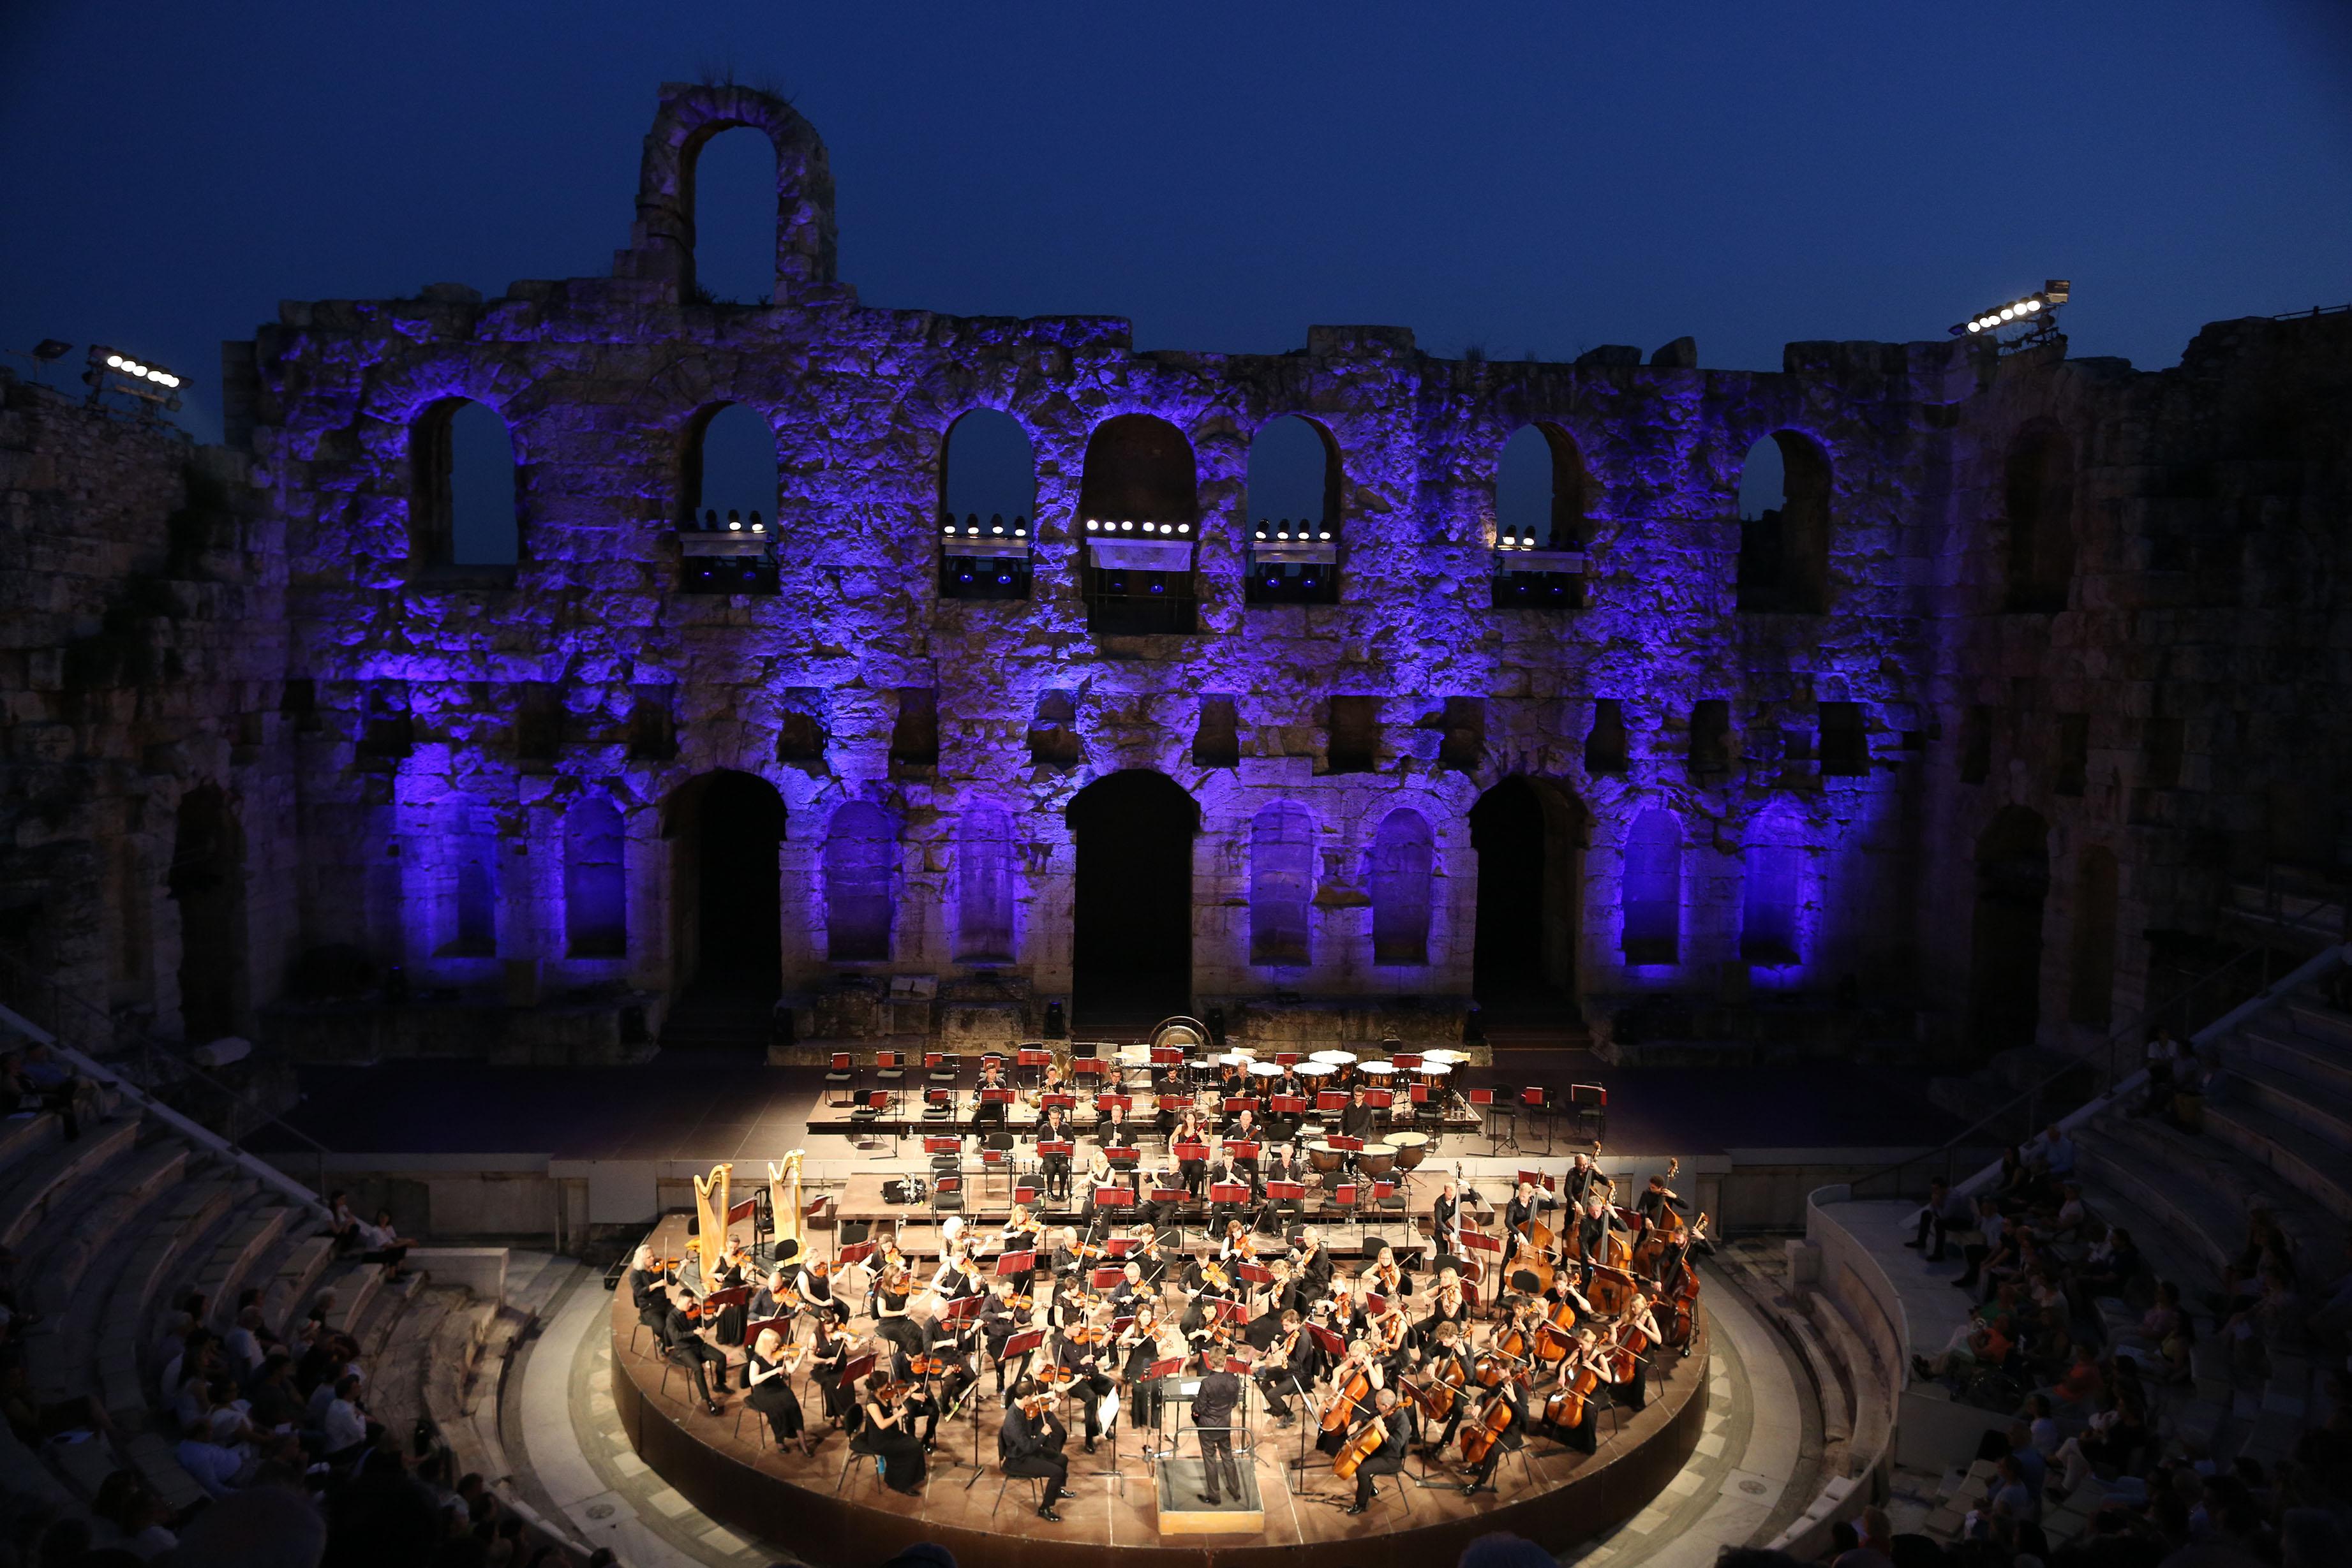 Philharmonia_Orchestra_PRESS_05_photo_Thomas_Daskalakis